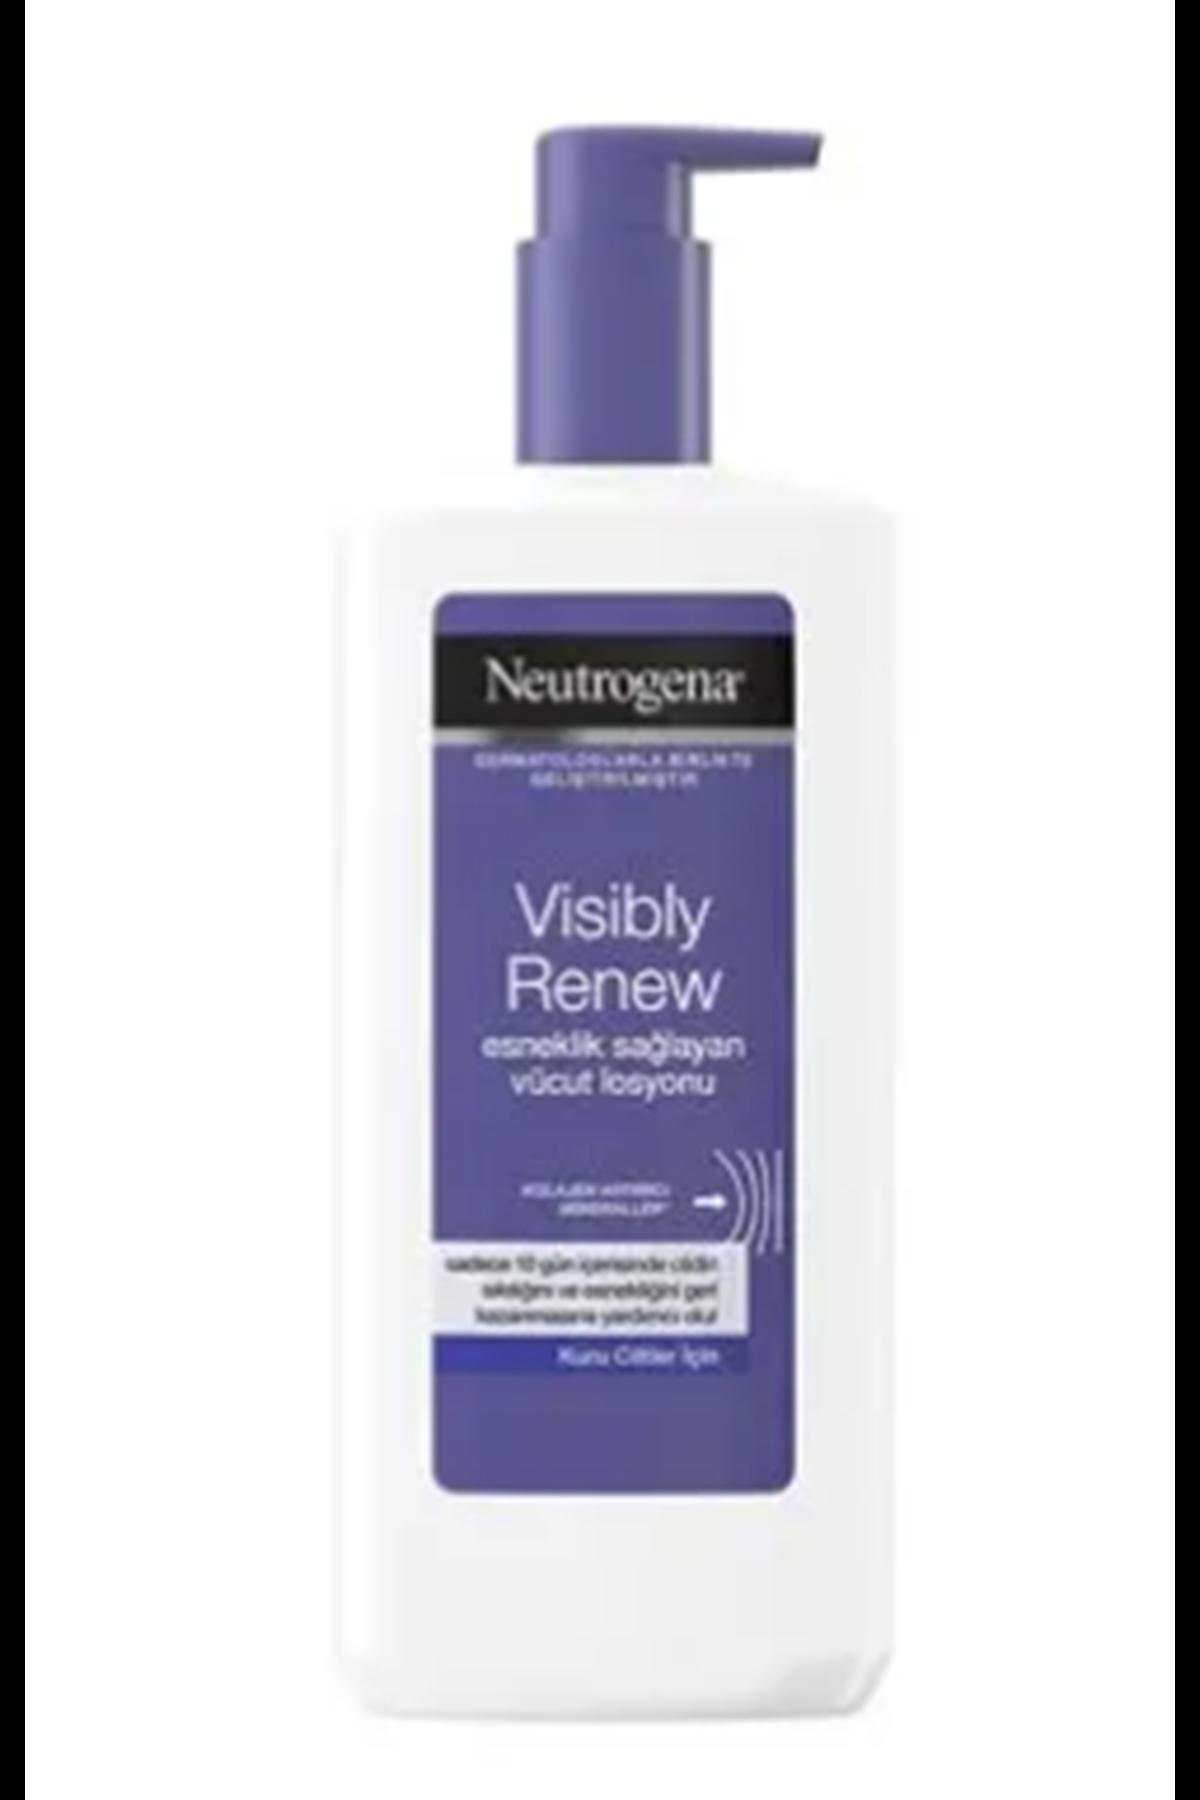 Neutrogena Visiby Renew Kolajen Artırıcı Kuru Ciltler İçin Vücut Losyonu 400 ml